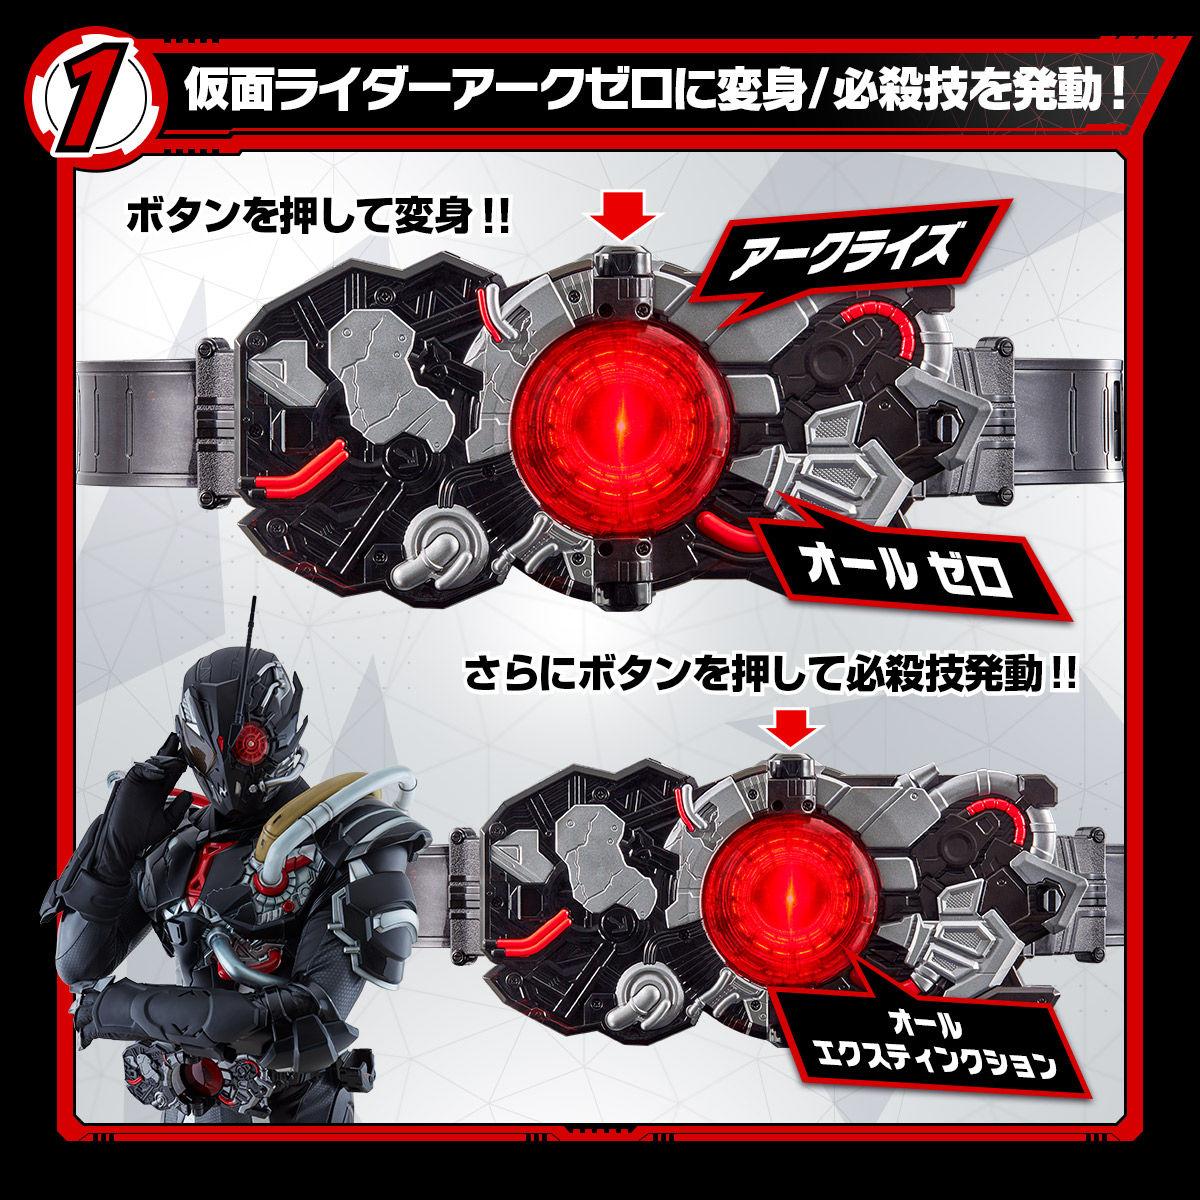 【限定販売】変身ベルト『DXアークドライバー』変身なりきり-002